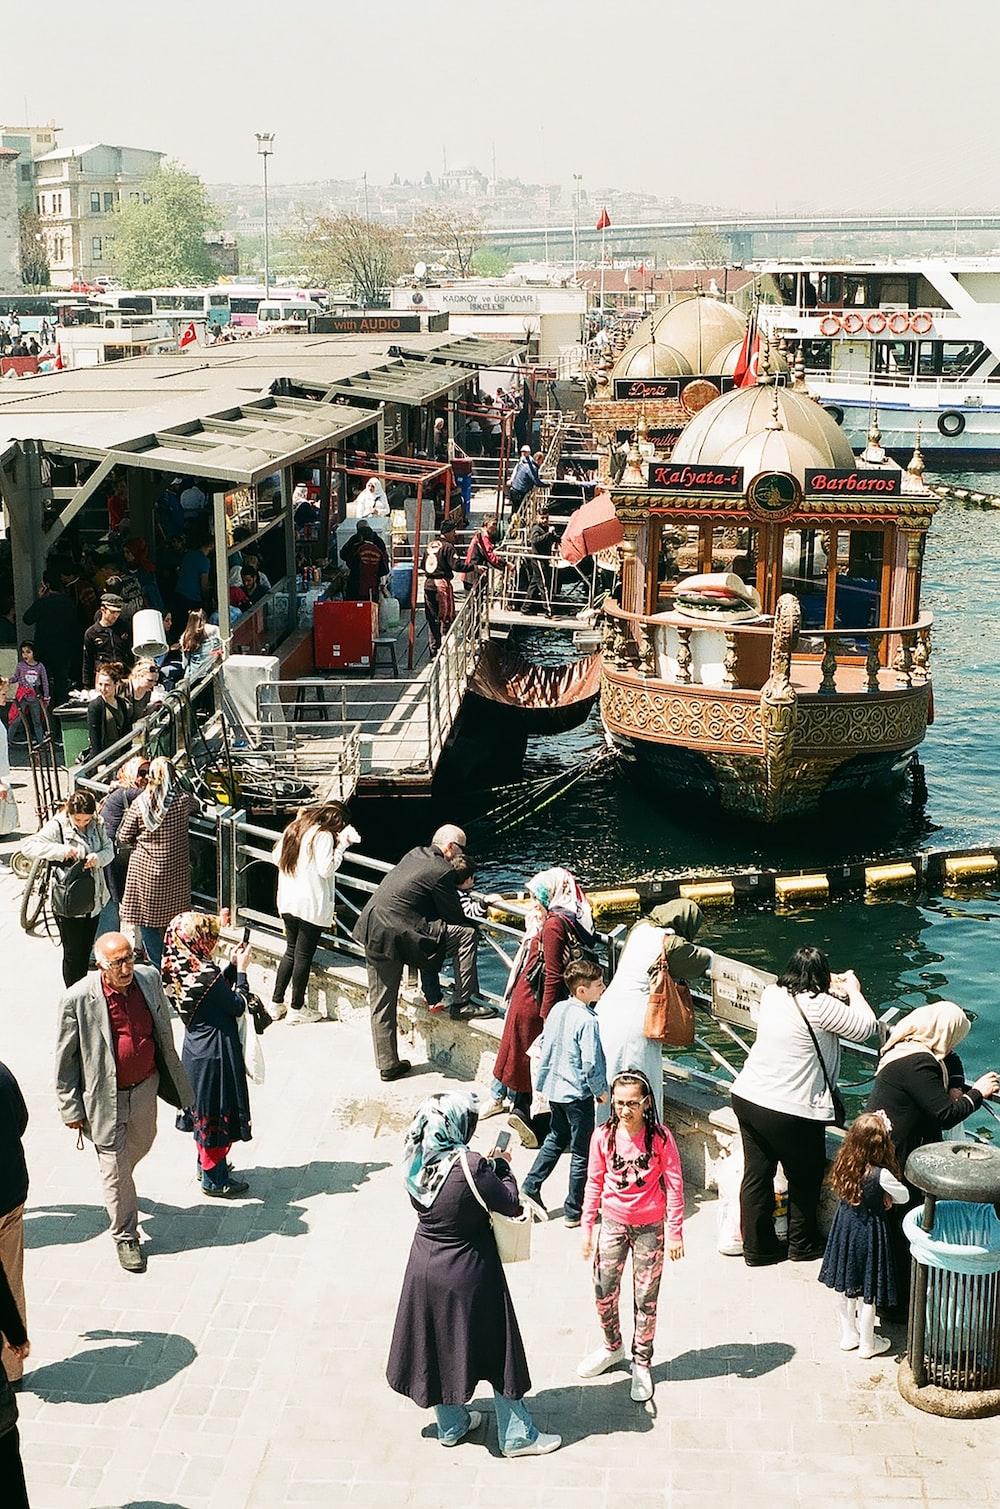 people walking near boat